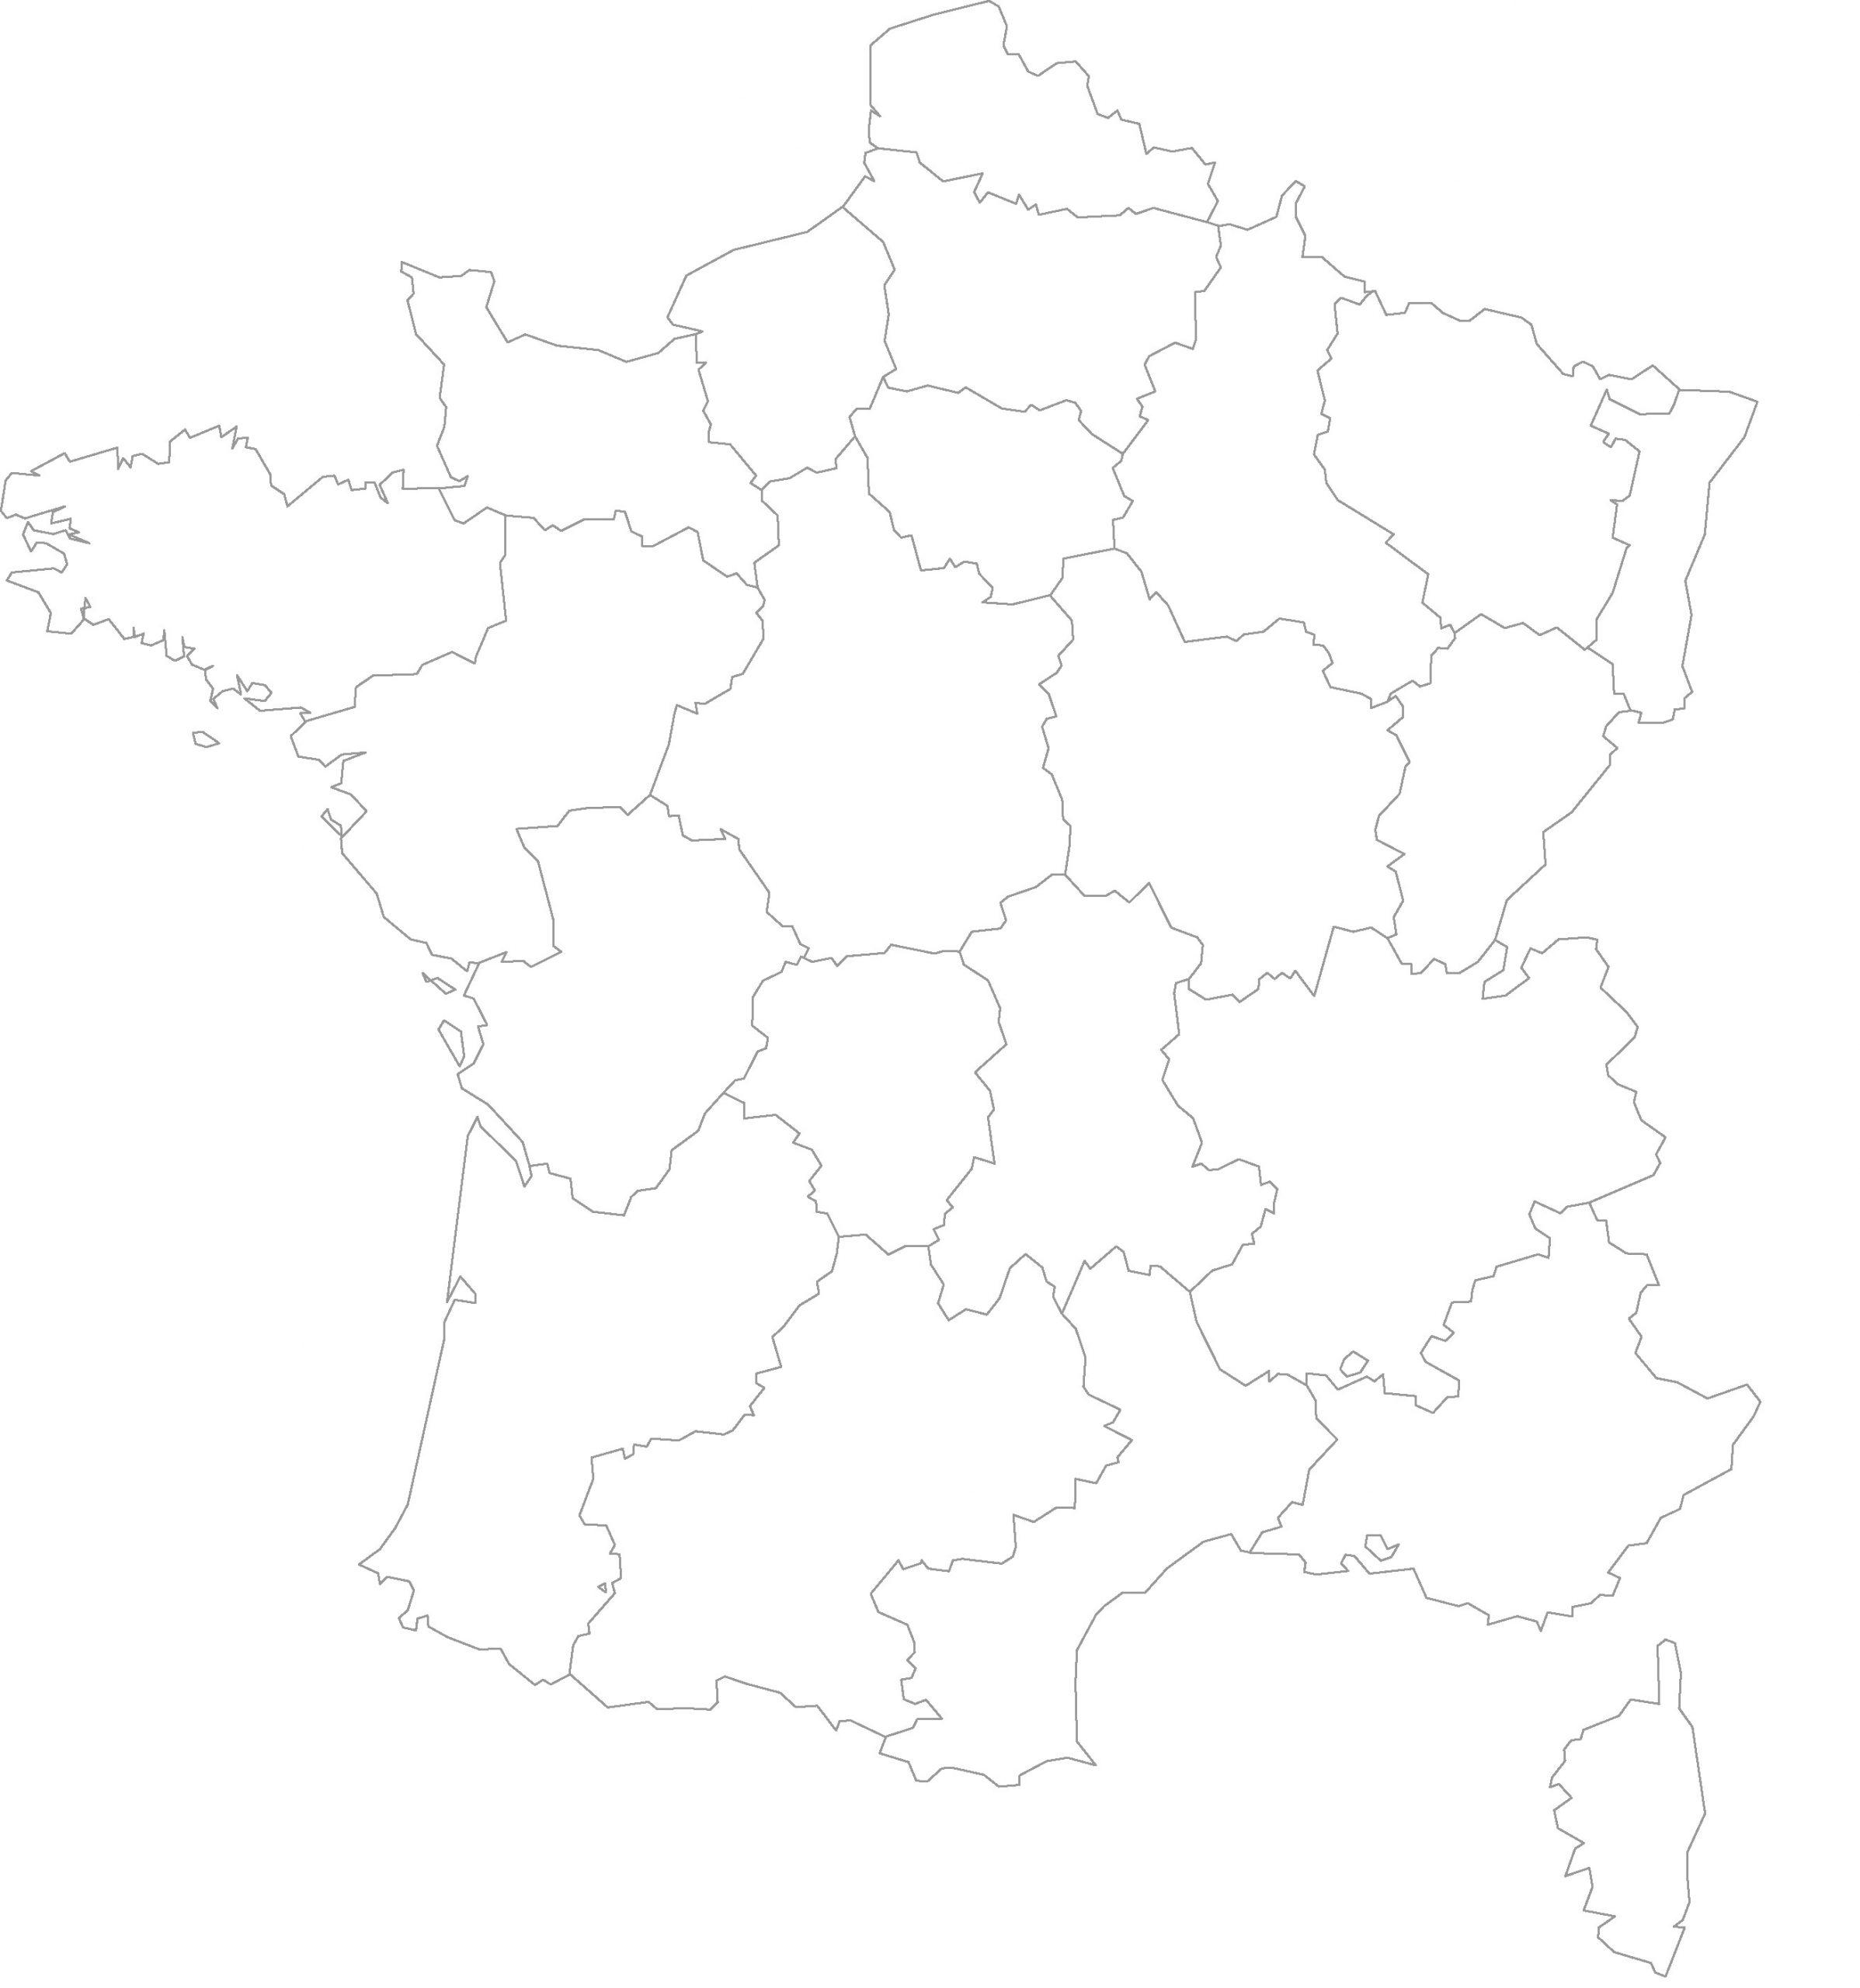 Cartes Vierges De La France À Imprimer - Chroniques dedans Carte Des Régions De France Vierge